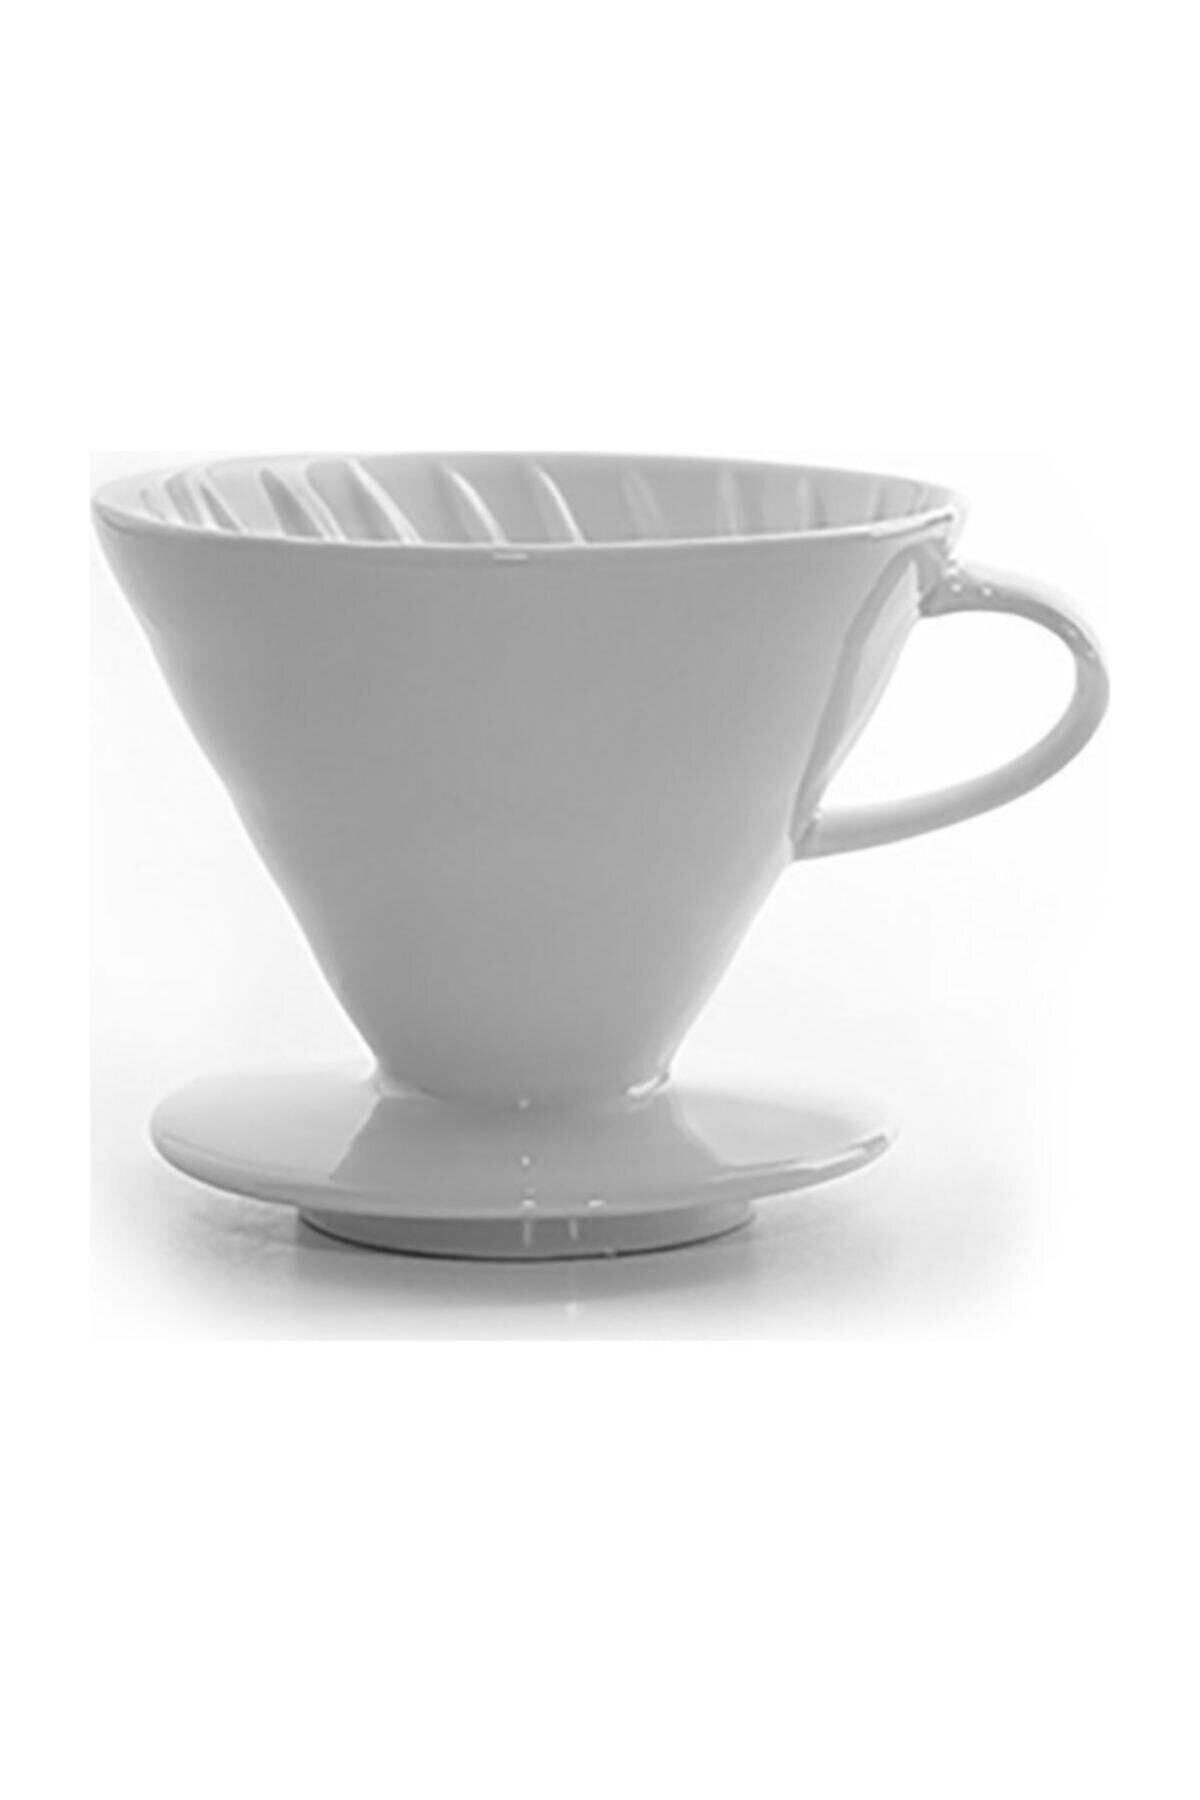 Epinox V60 02 Seramik Kahve Demleme Ekipmanı (beyaz) Ceramic Coffee Dripper V60 02 (white) 2